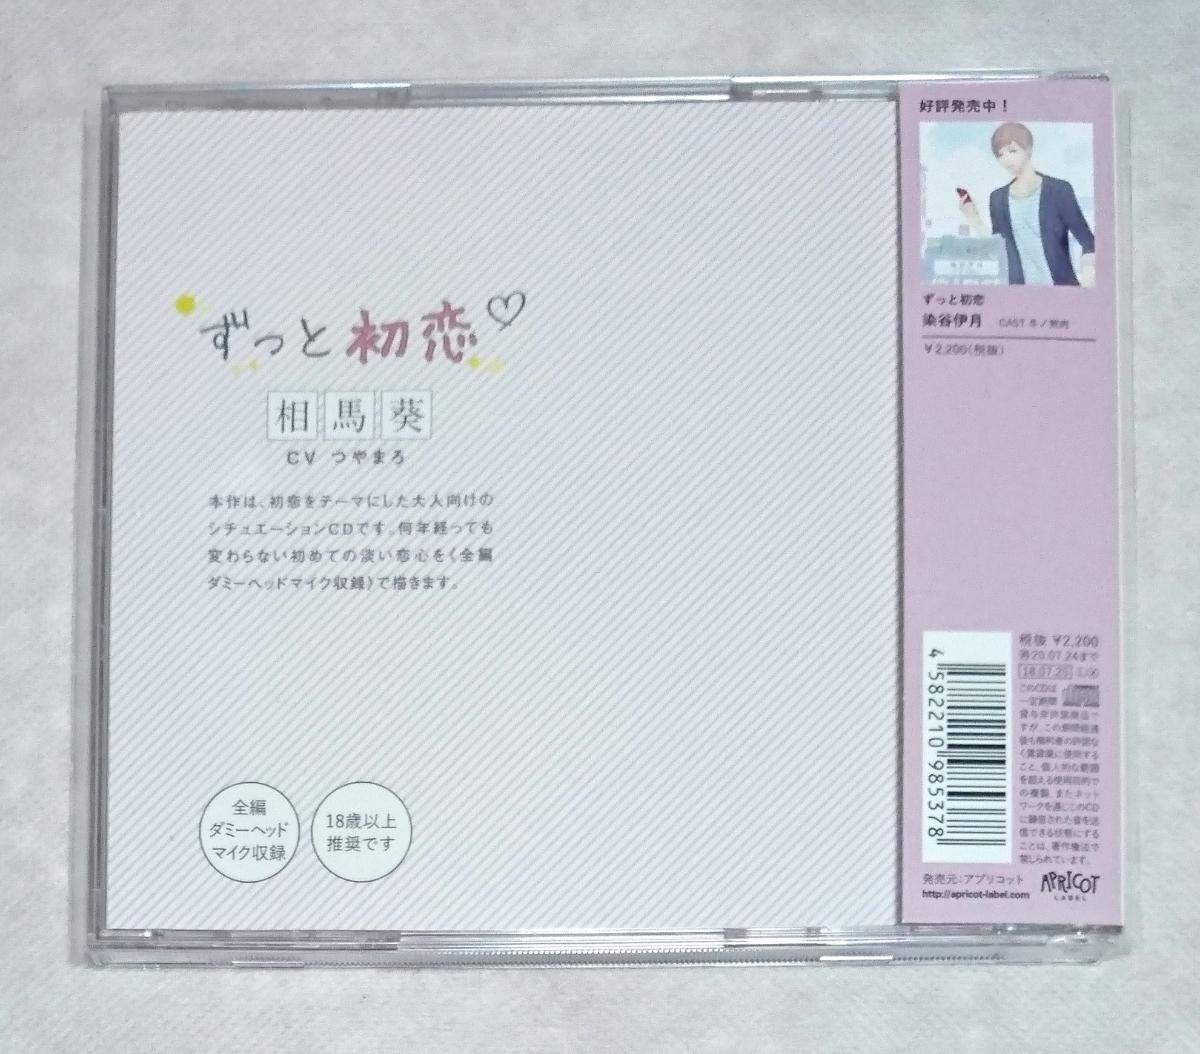 極美品 ずっと初恋 相馬葵 アニメイト特典cd ステラワース特典cd